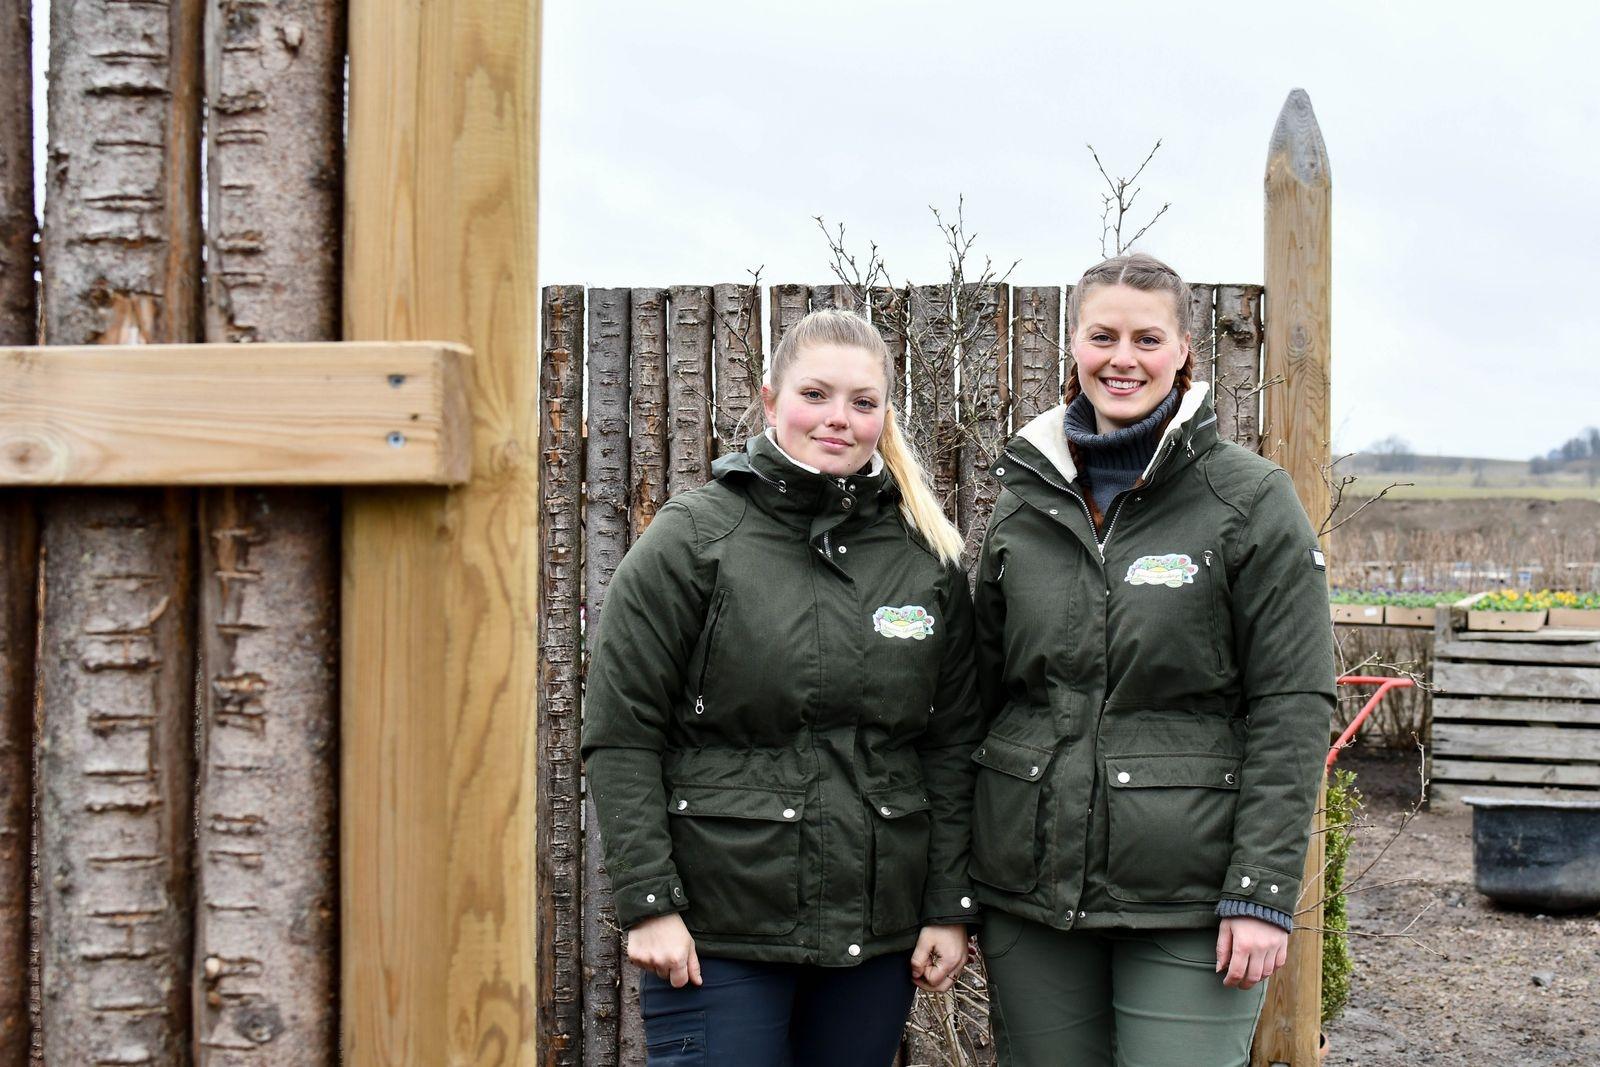 Julia och Freja Lindskog startade Systrarna Lindskogs trädgård och design 2015. 2018 slog de för första gången upp dörren till sin handelsträdgård.